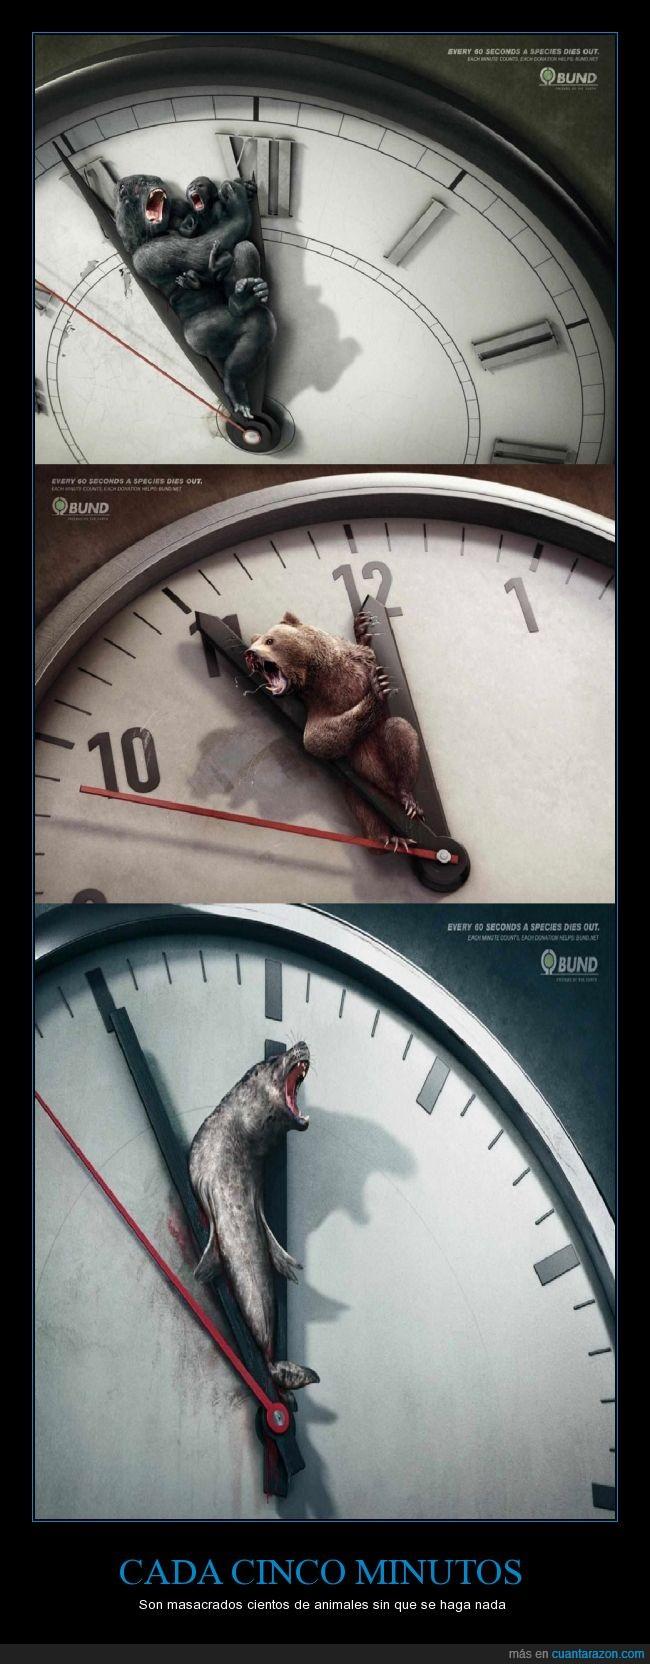 agujas,animales,caza,crueldad,extinción,focas,reloj,salvajes